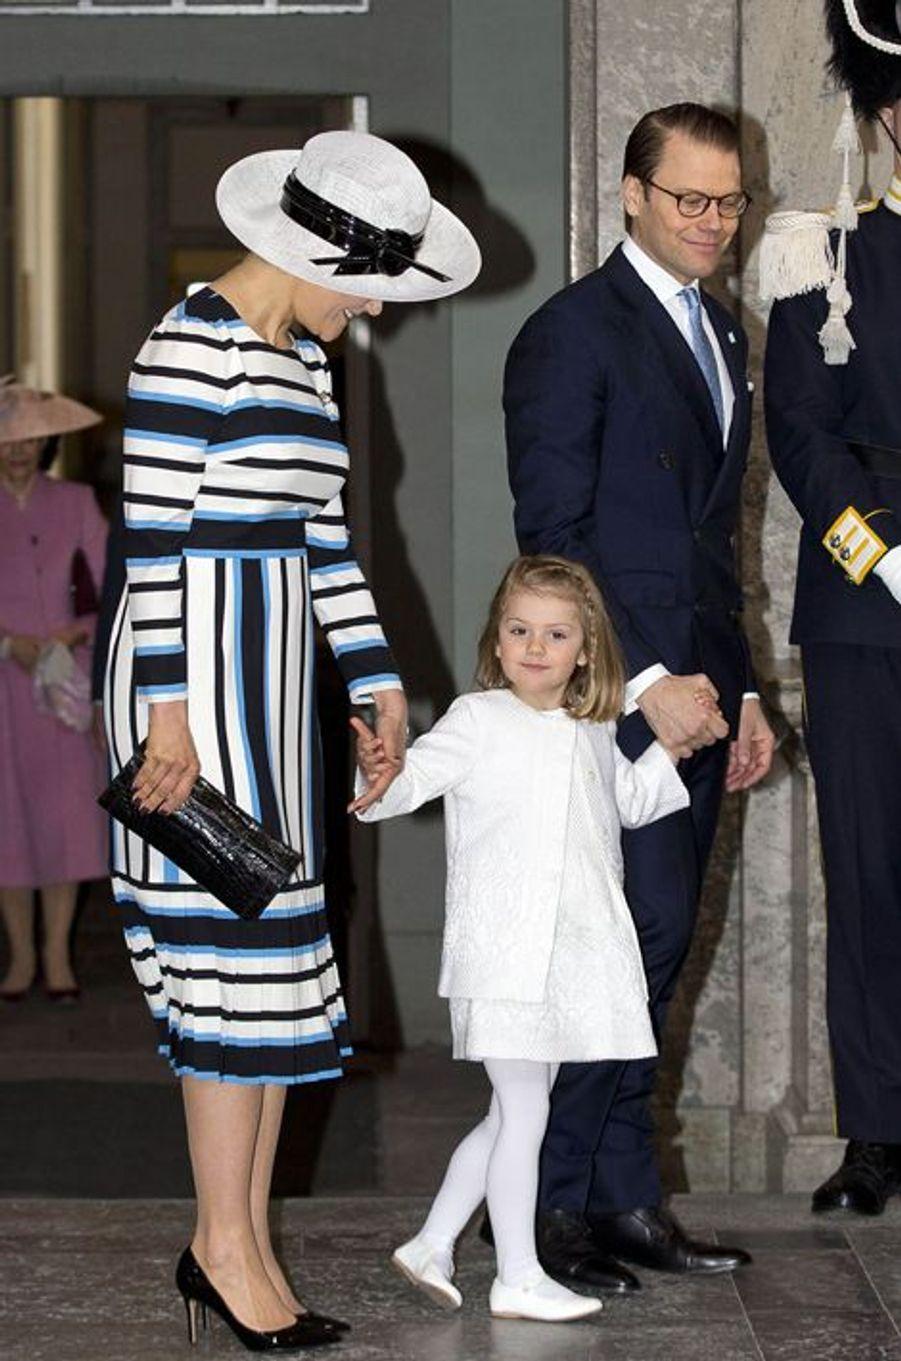 La princesse Estelle de Suède avec la princesse Victoria et le prince Daniel à Stockholm, le 30 avril 2016